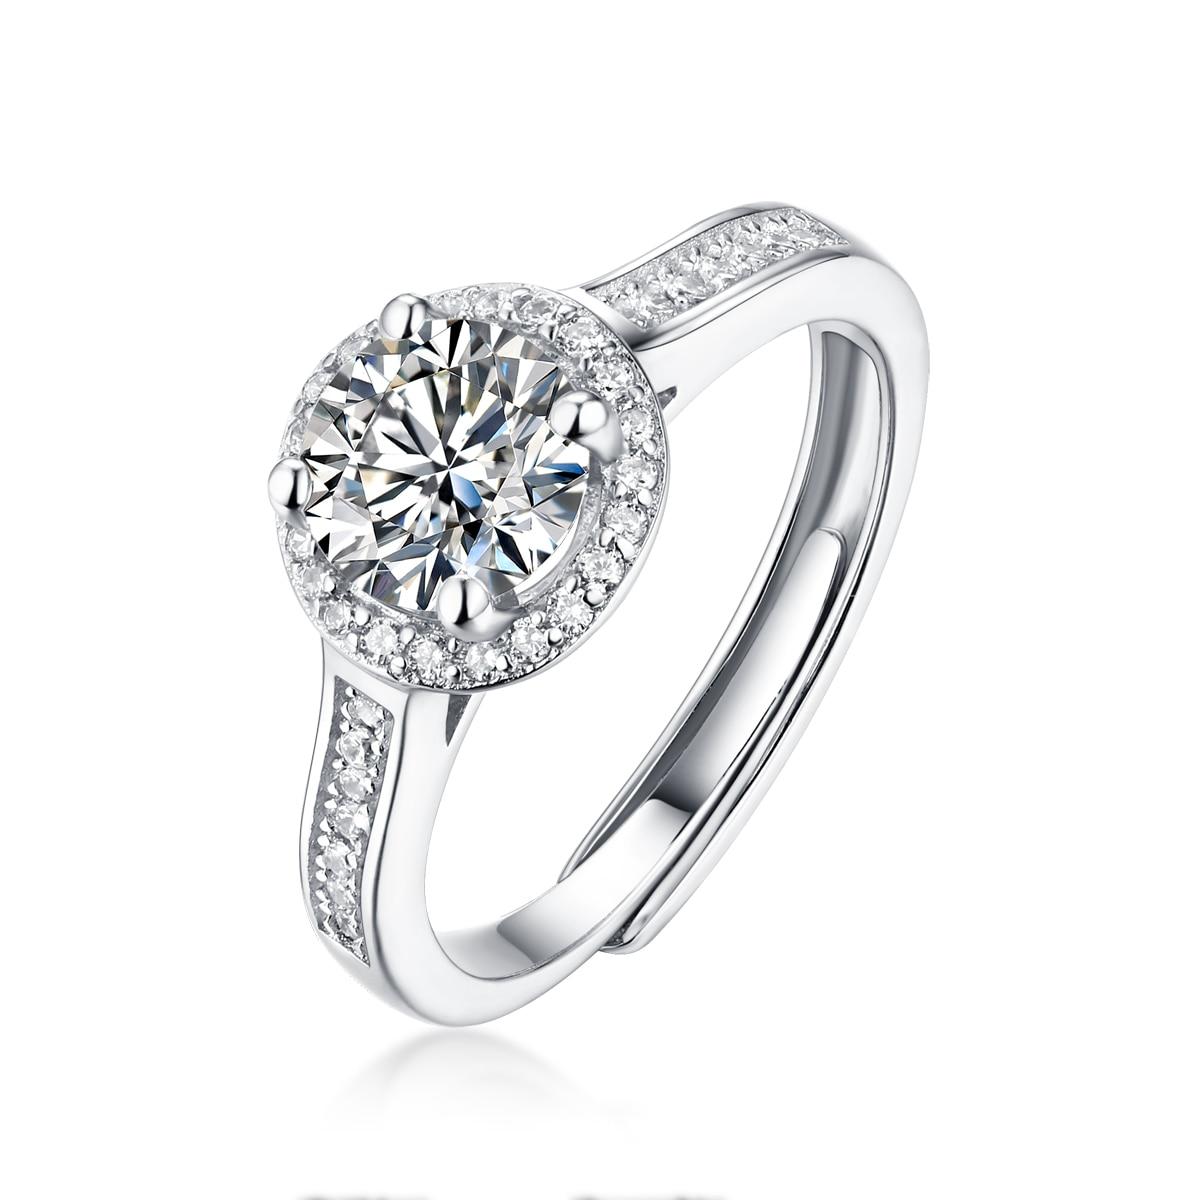 Bague Moissanite de fiançailles 1ct plaqué or blanc Style classique diamant bijoux 925 bague de mariage en argent Sterling pour les femmes